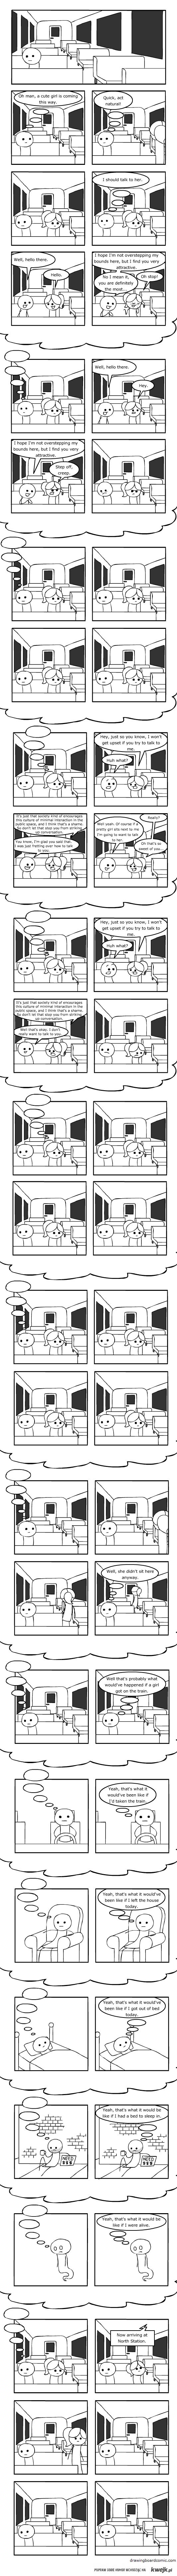 prosta historia